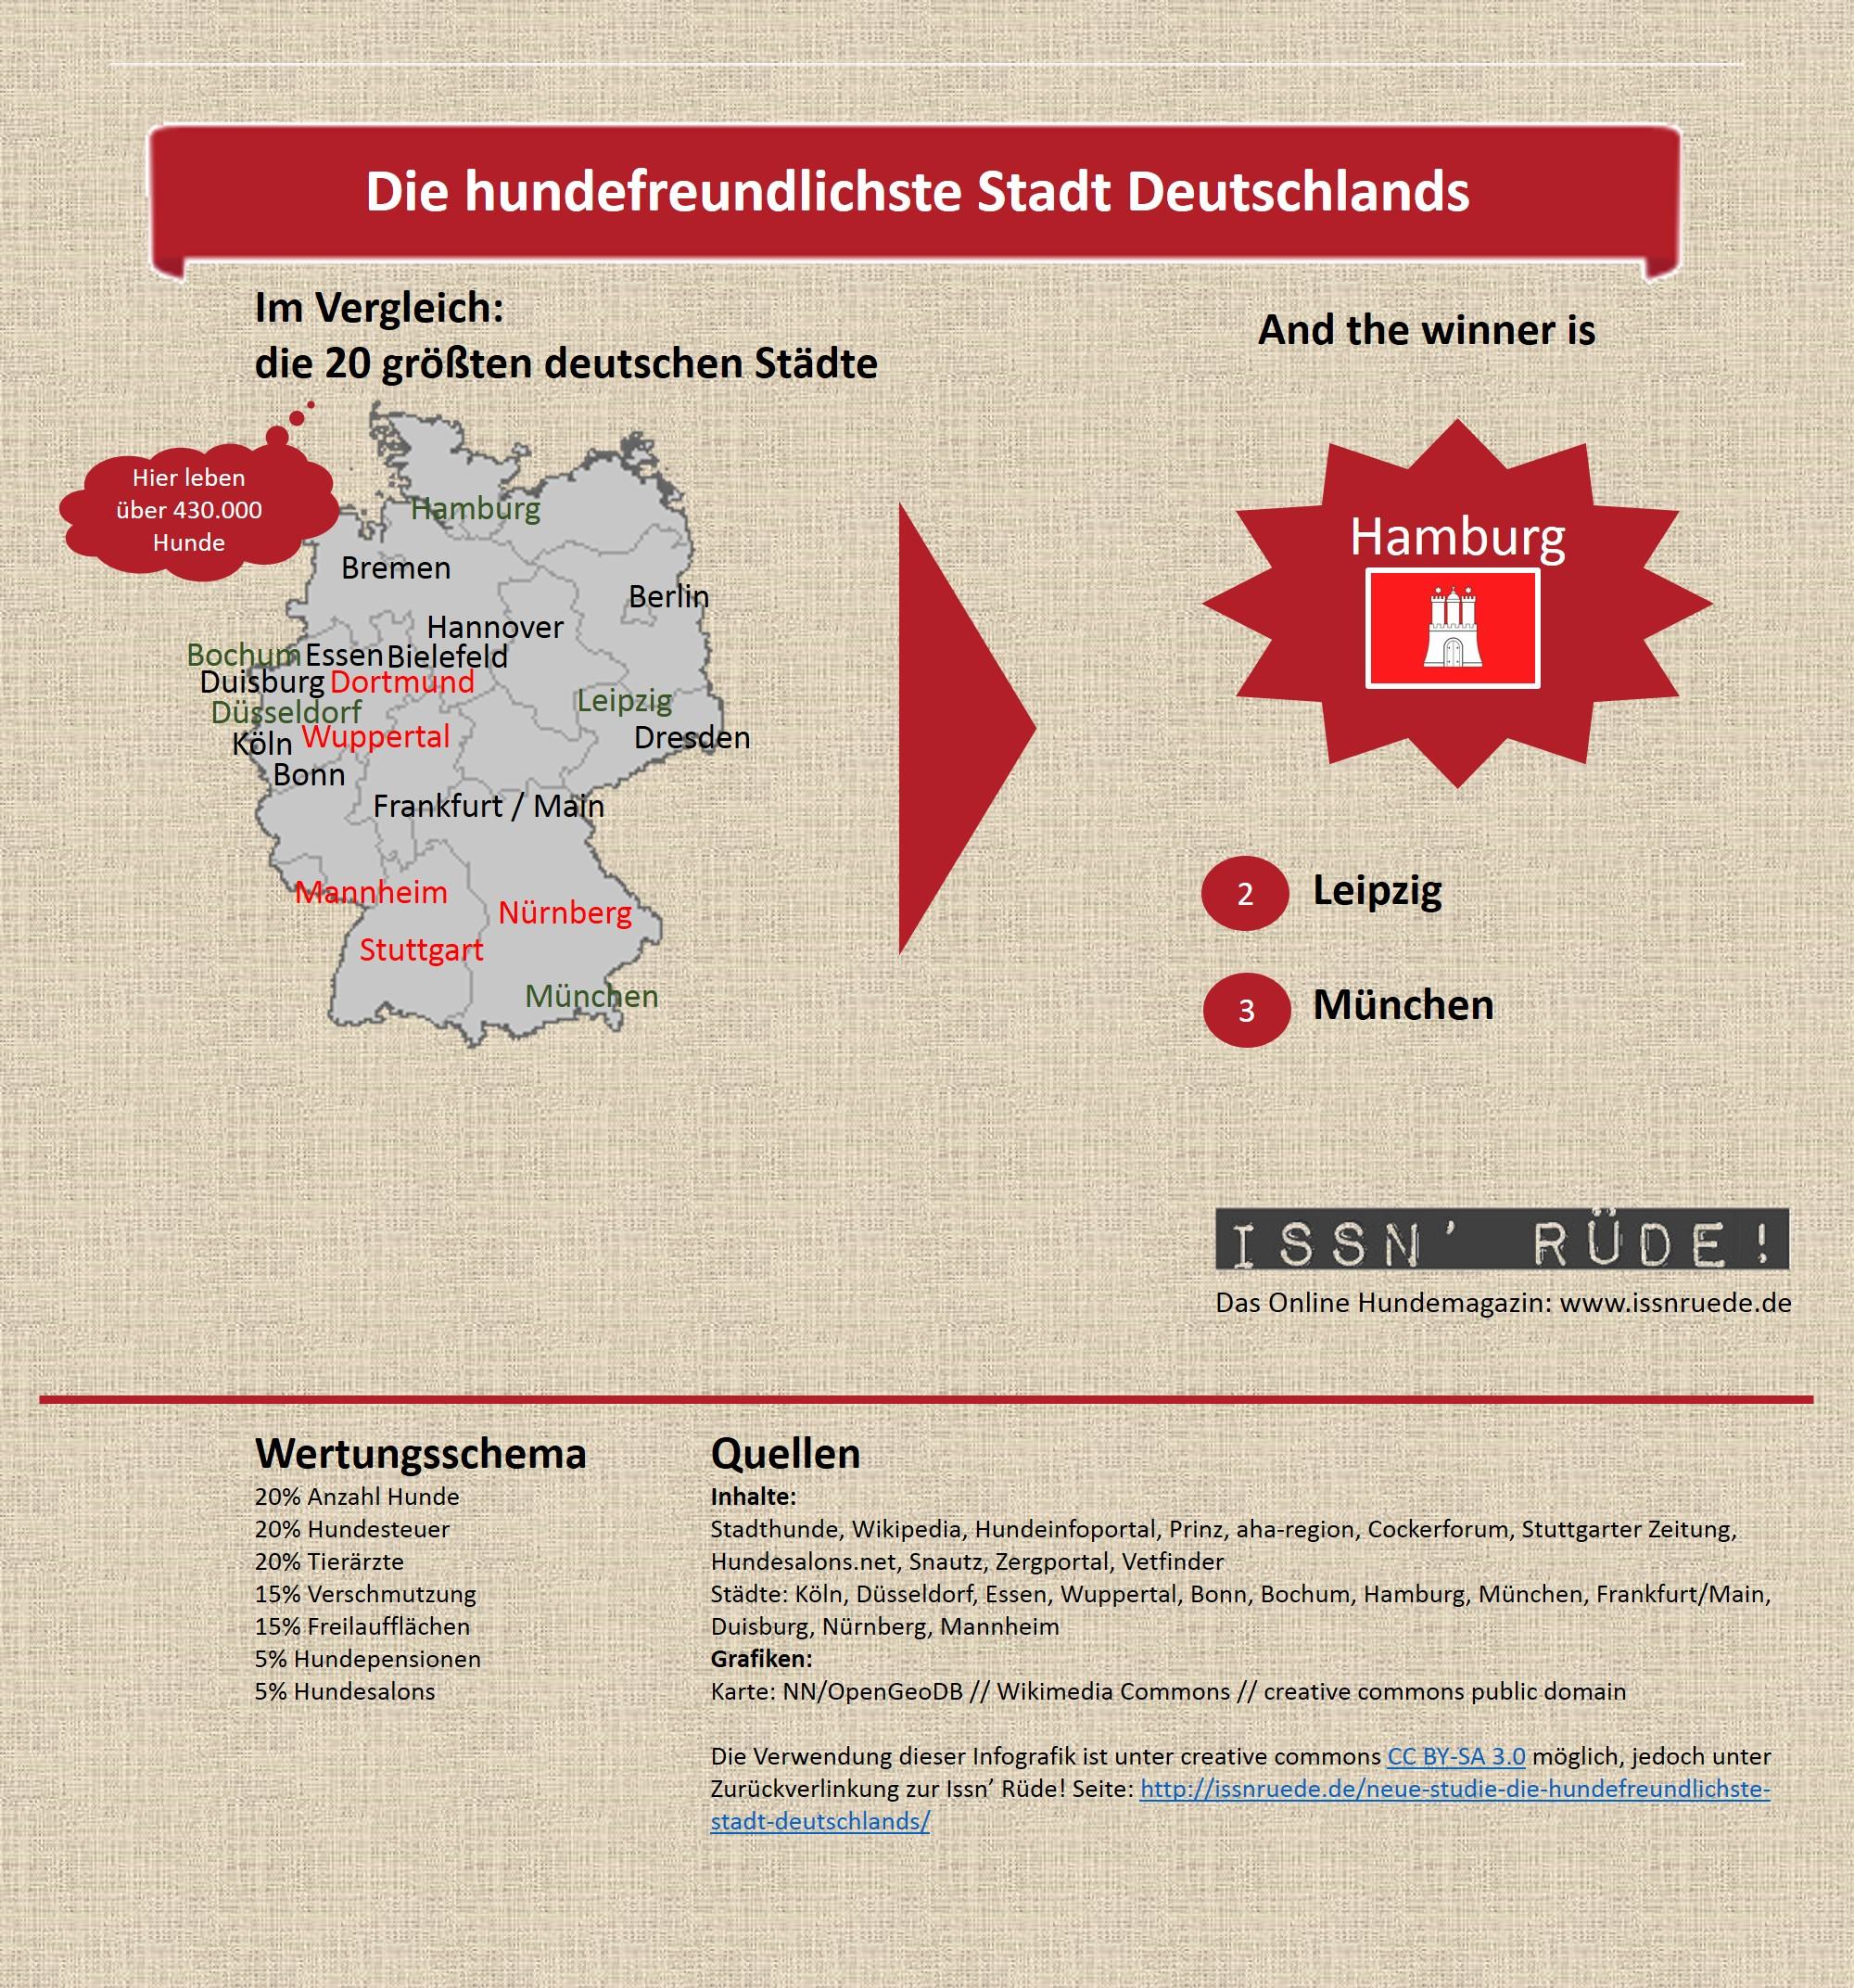 02 Gewinner - hundefreundliche Stadt Deutschland